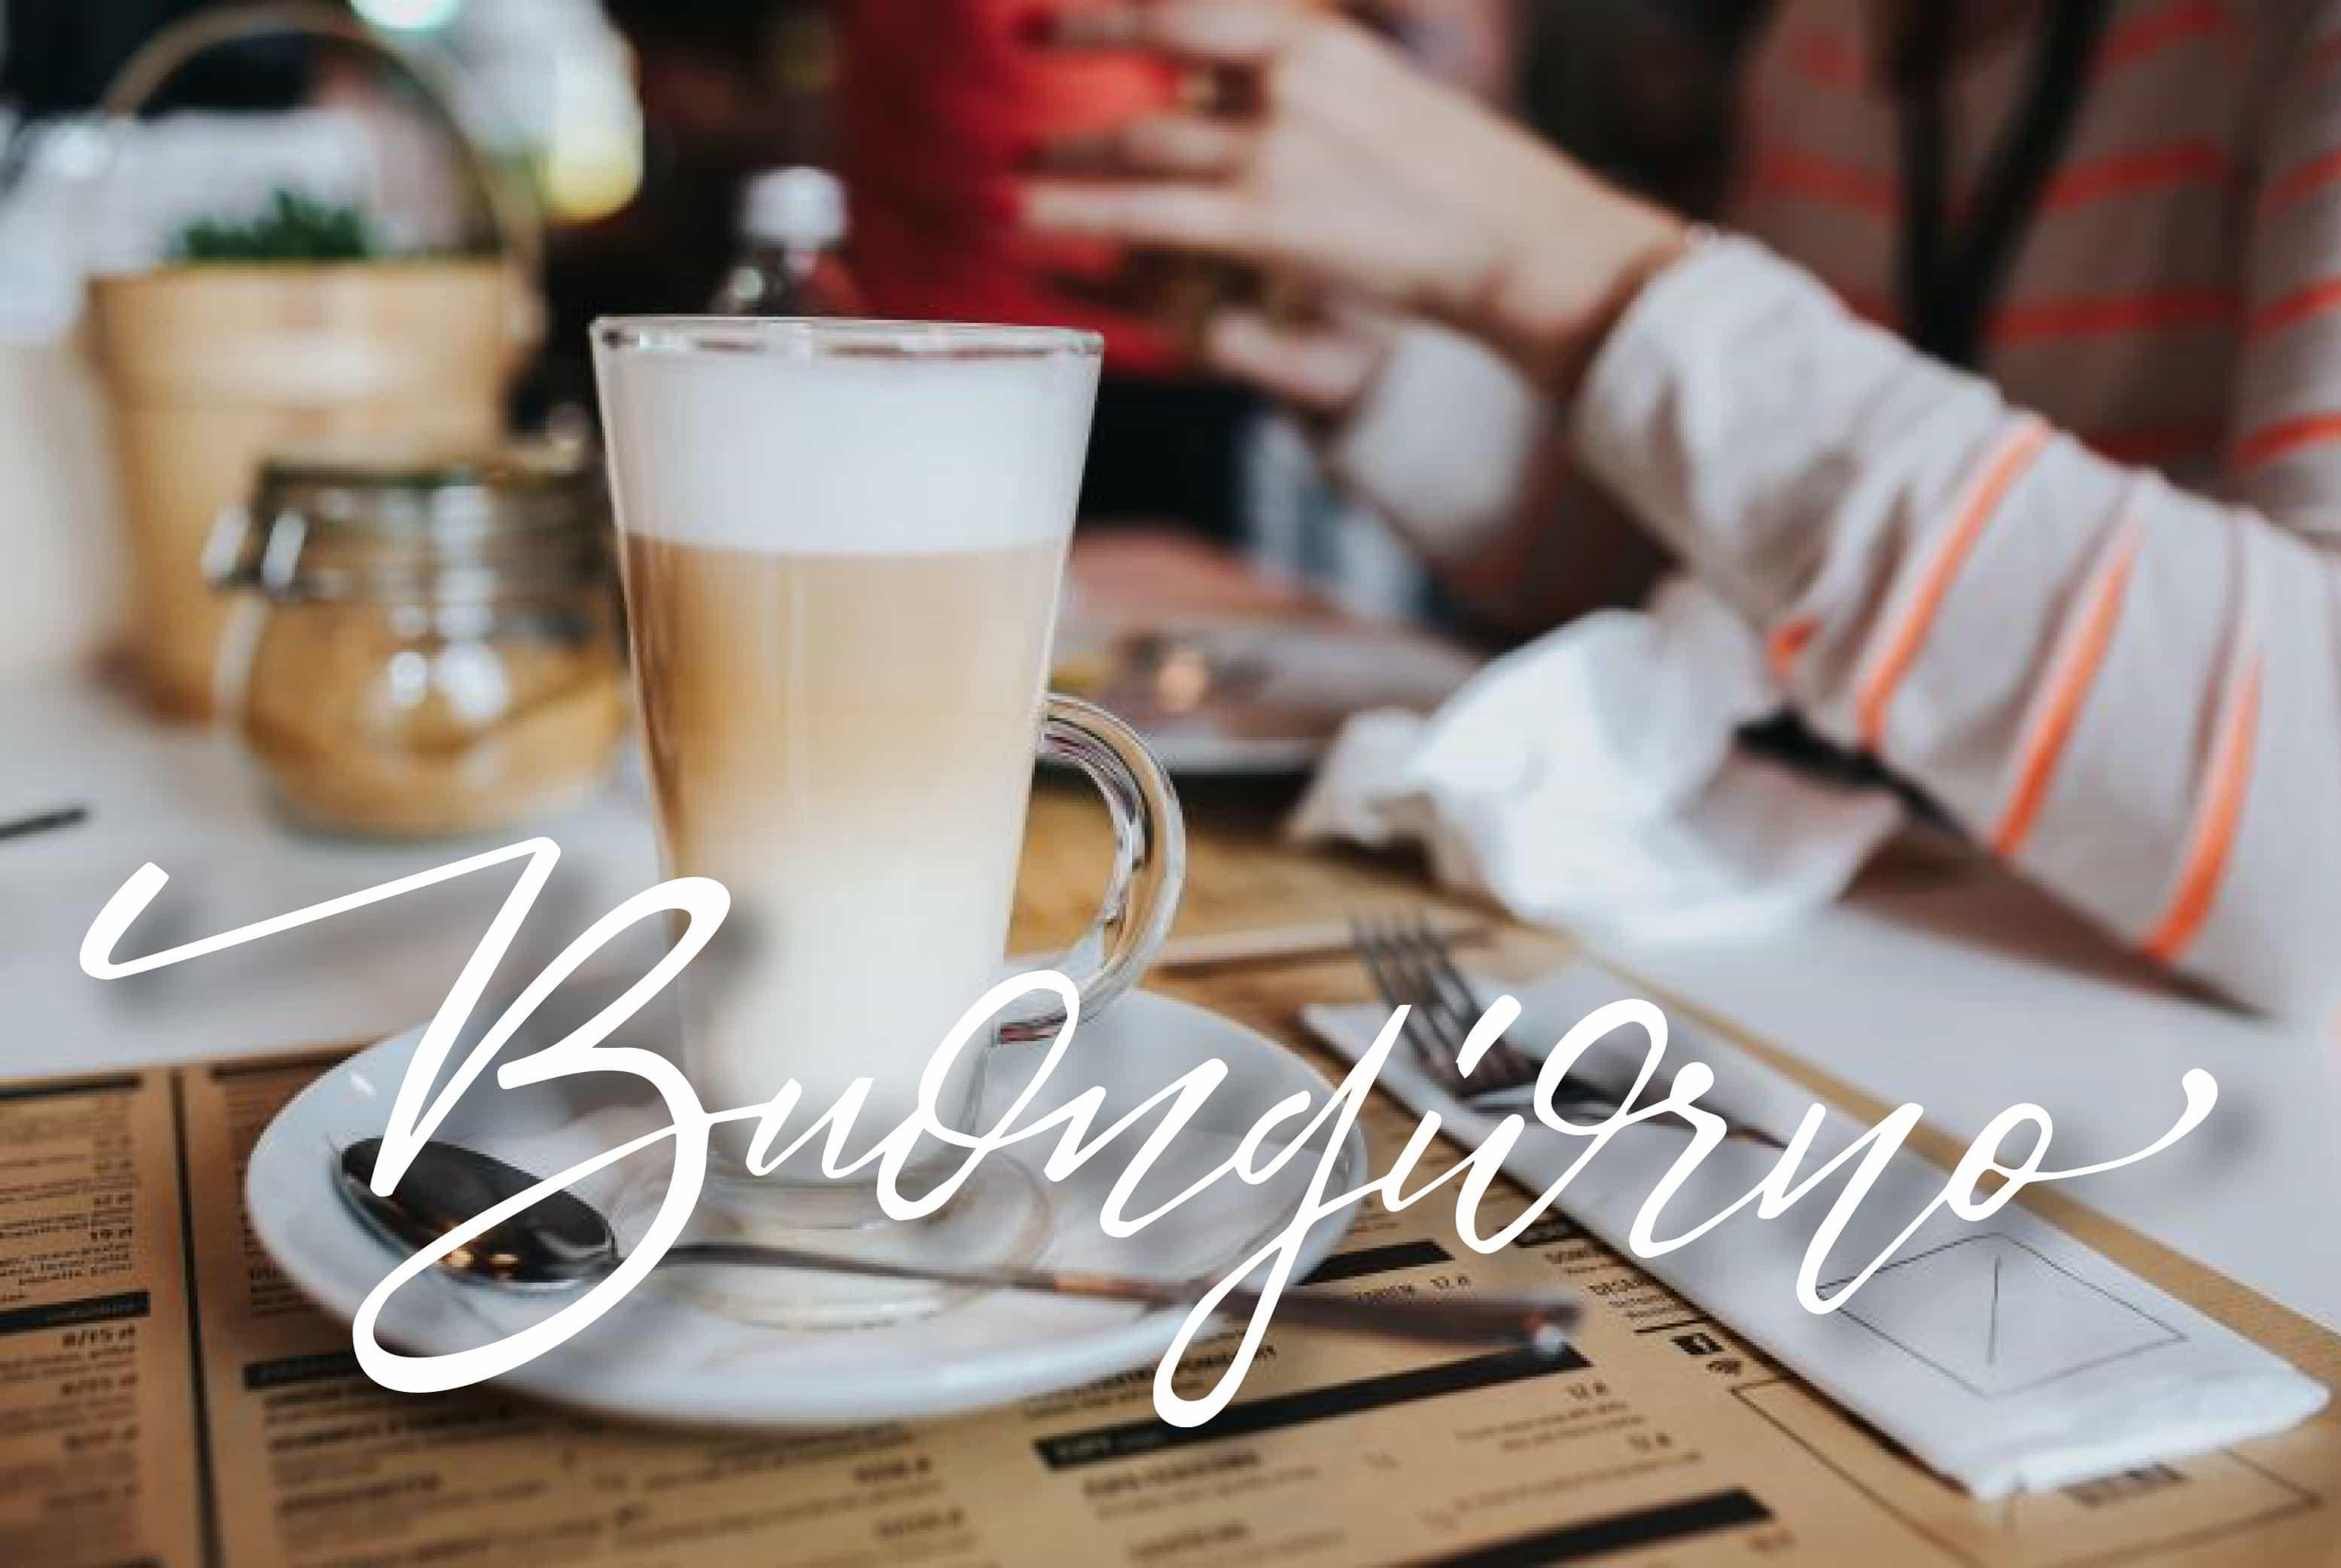 Buon caffè e buona giornata